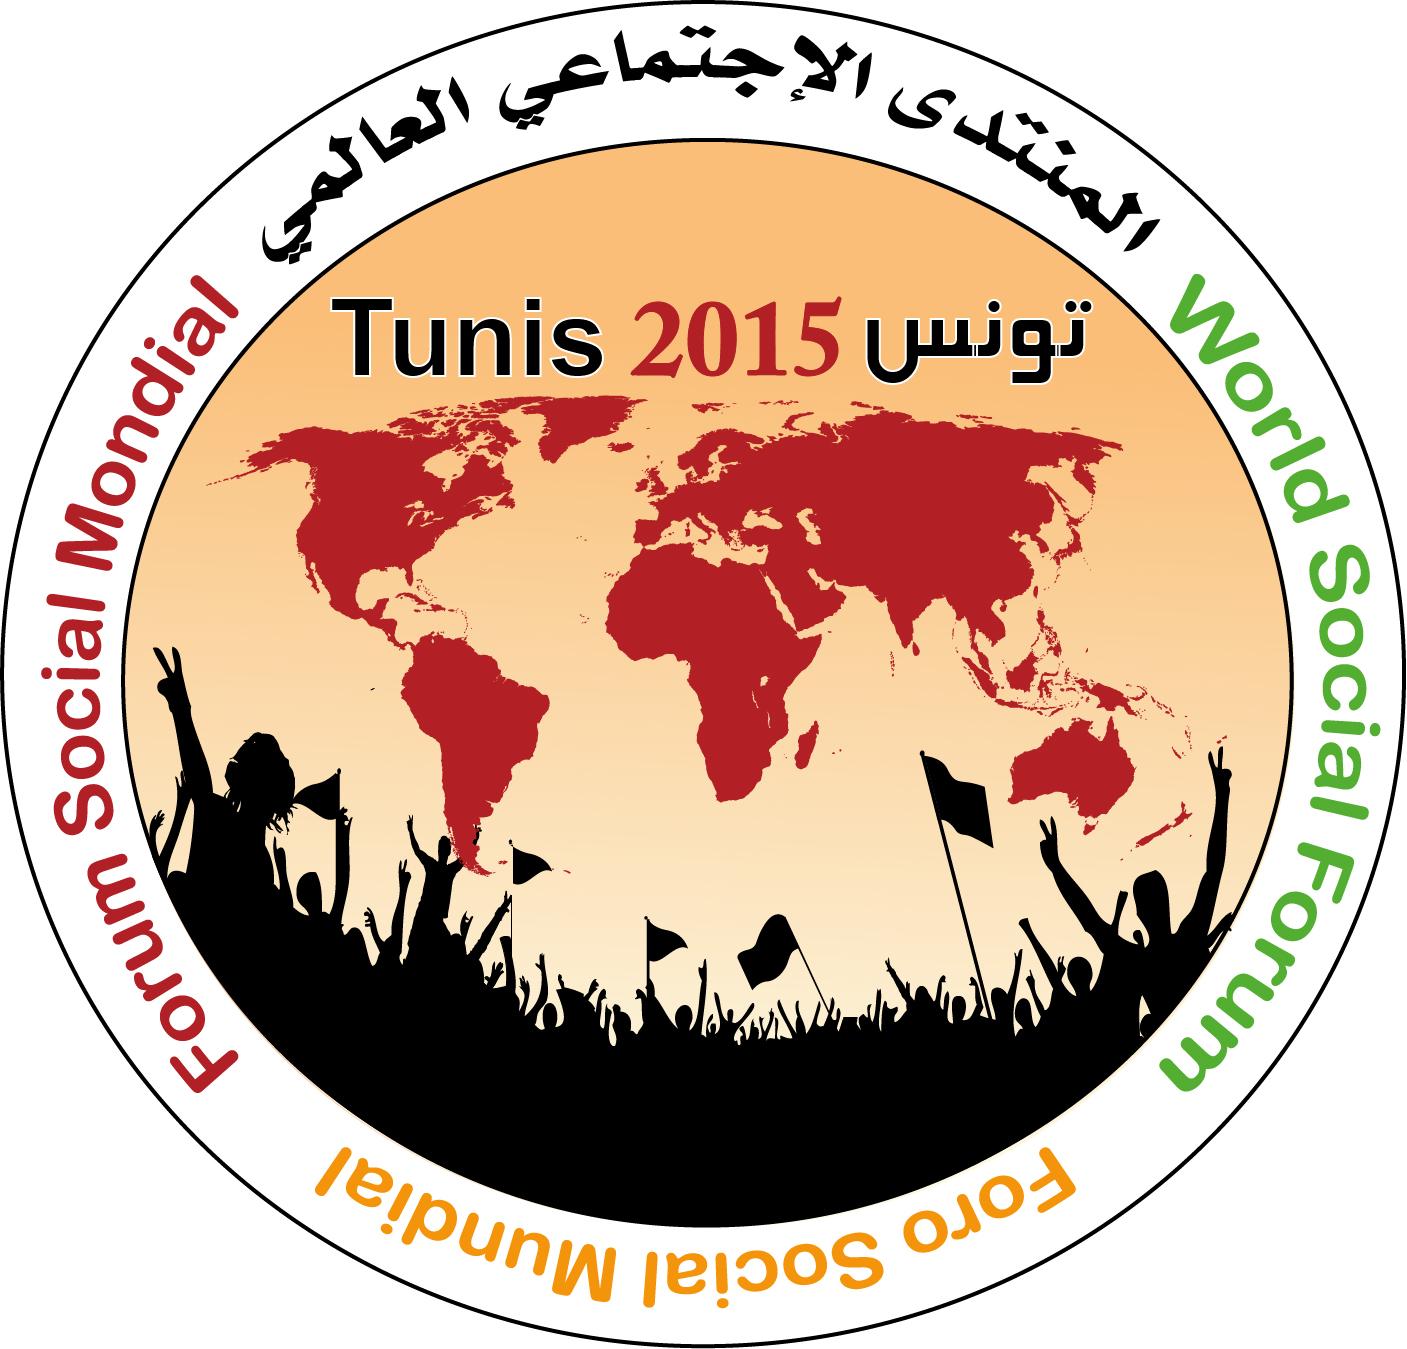 La Sinistra Europea condanna l'attacco terroristico a Tunisi e lancia un appello per rafforzare la partecipazione al Forum Sociale Mondiale